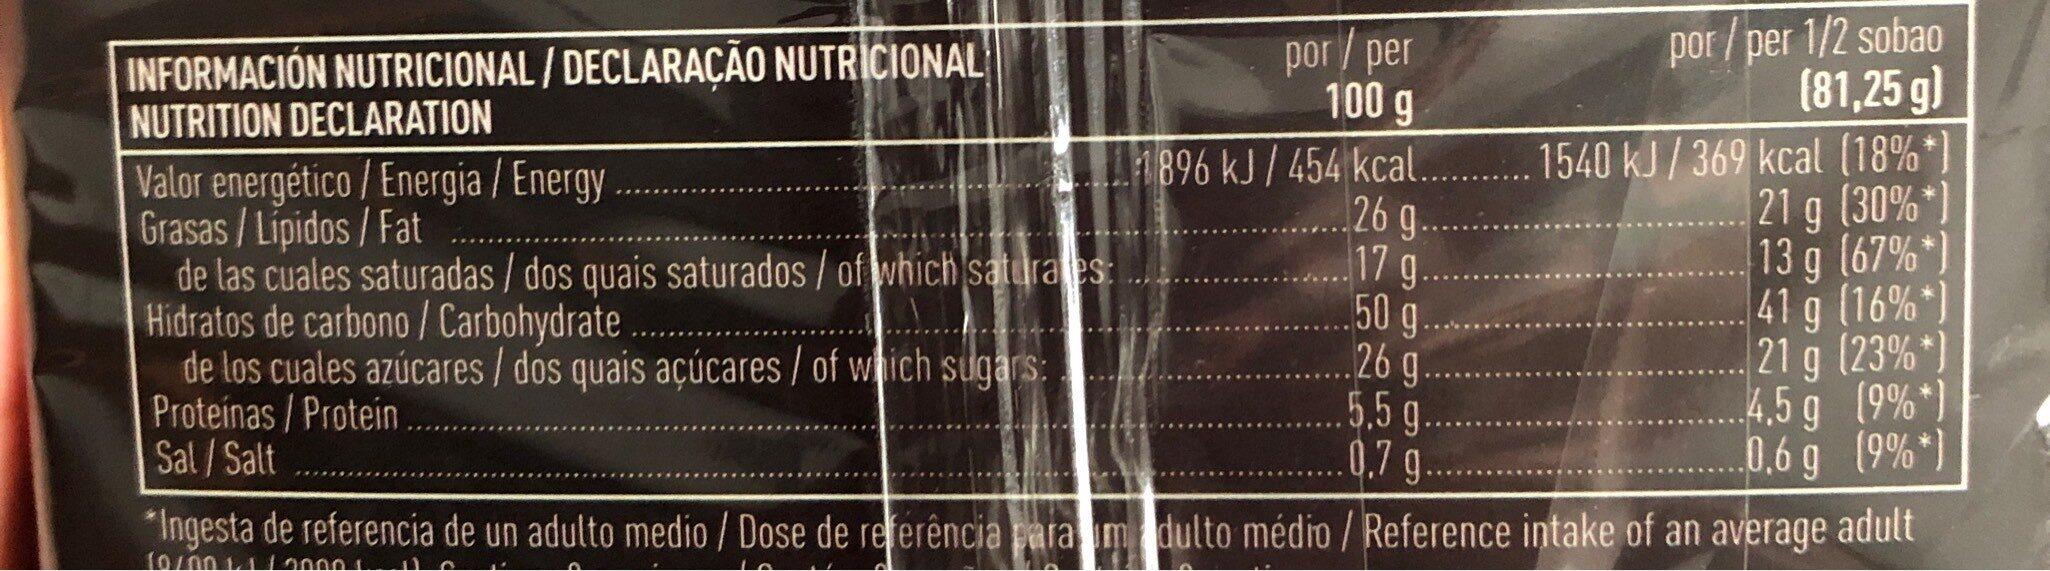 Sobaos pasiego elaborados con 100% mantequilla - Información nutricional - es